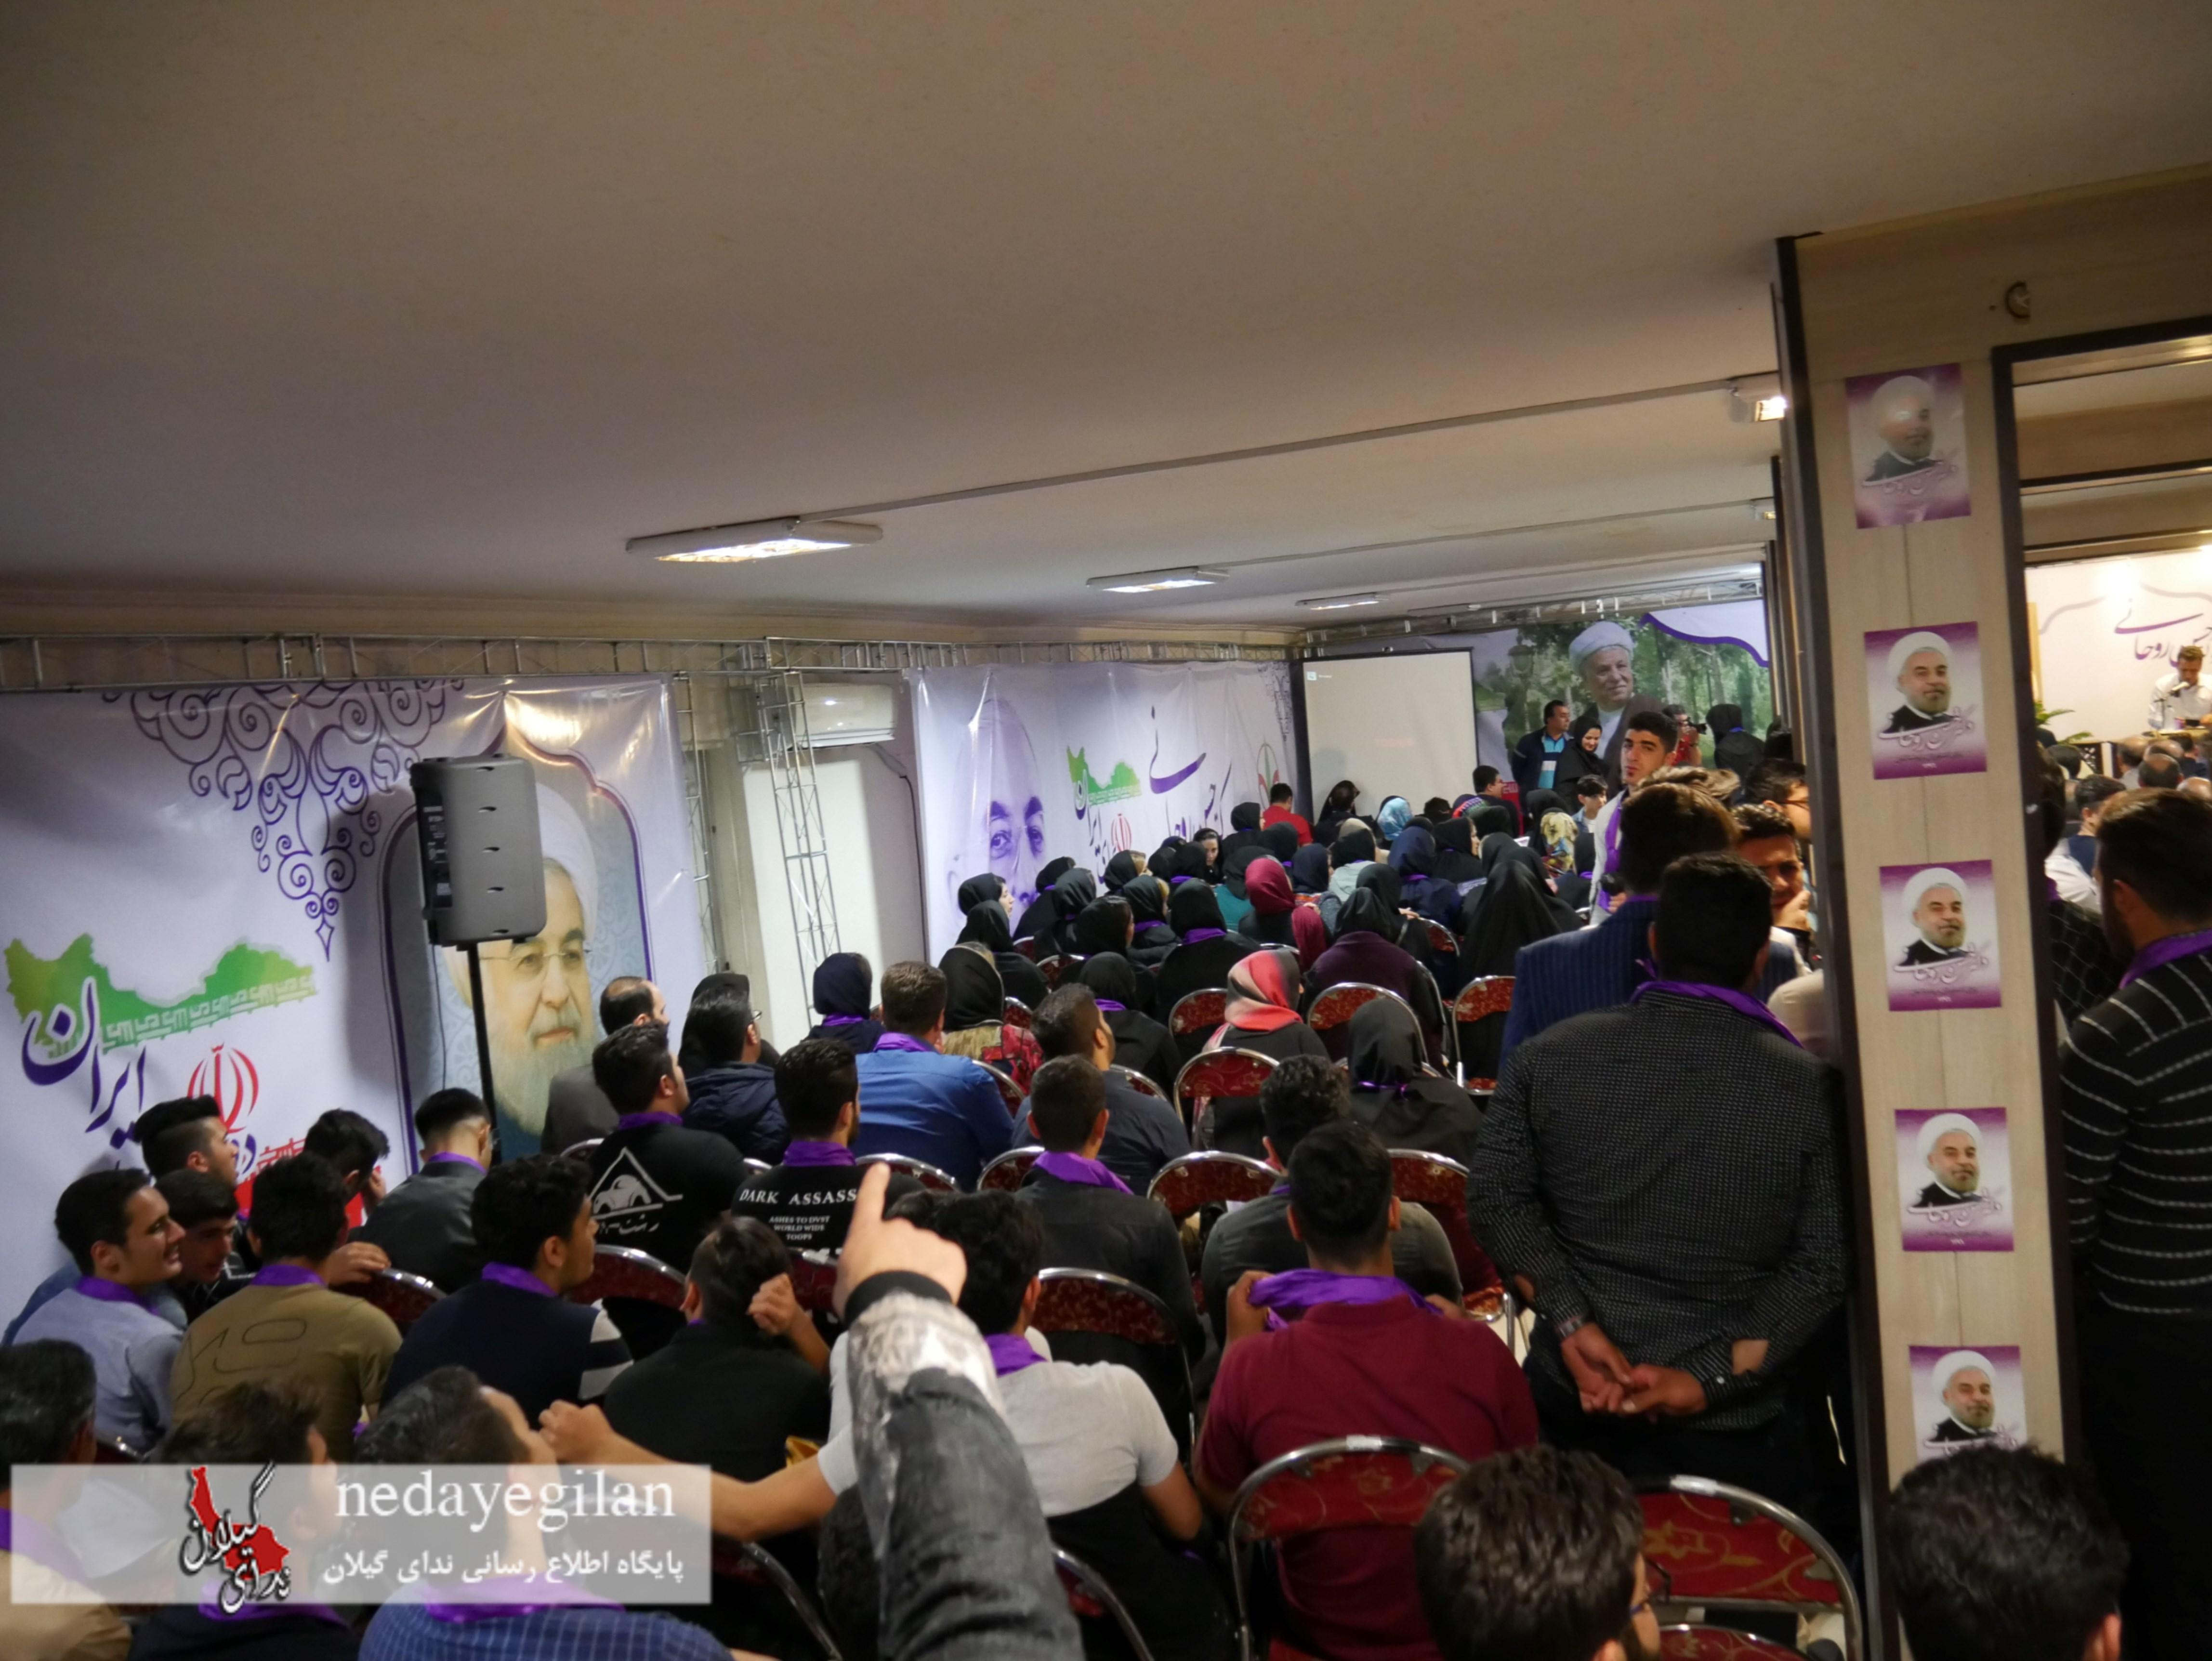 گزارش تصویری حضور رمضانپور نرگسی، محمودیان، شکریه و نوری هریس در ستاد دکتر روحانی رشت